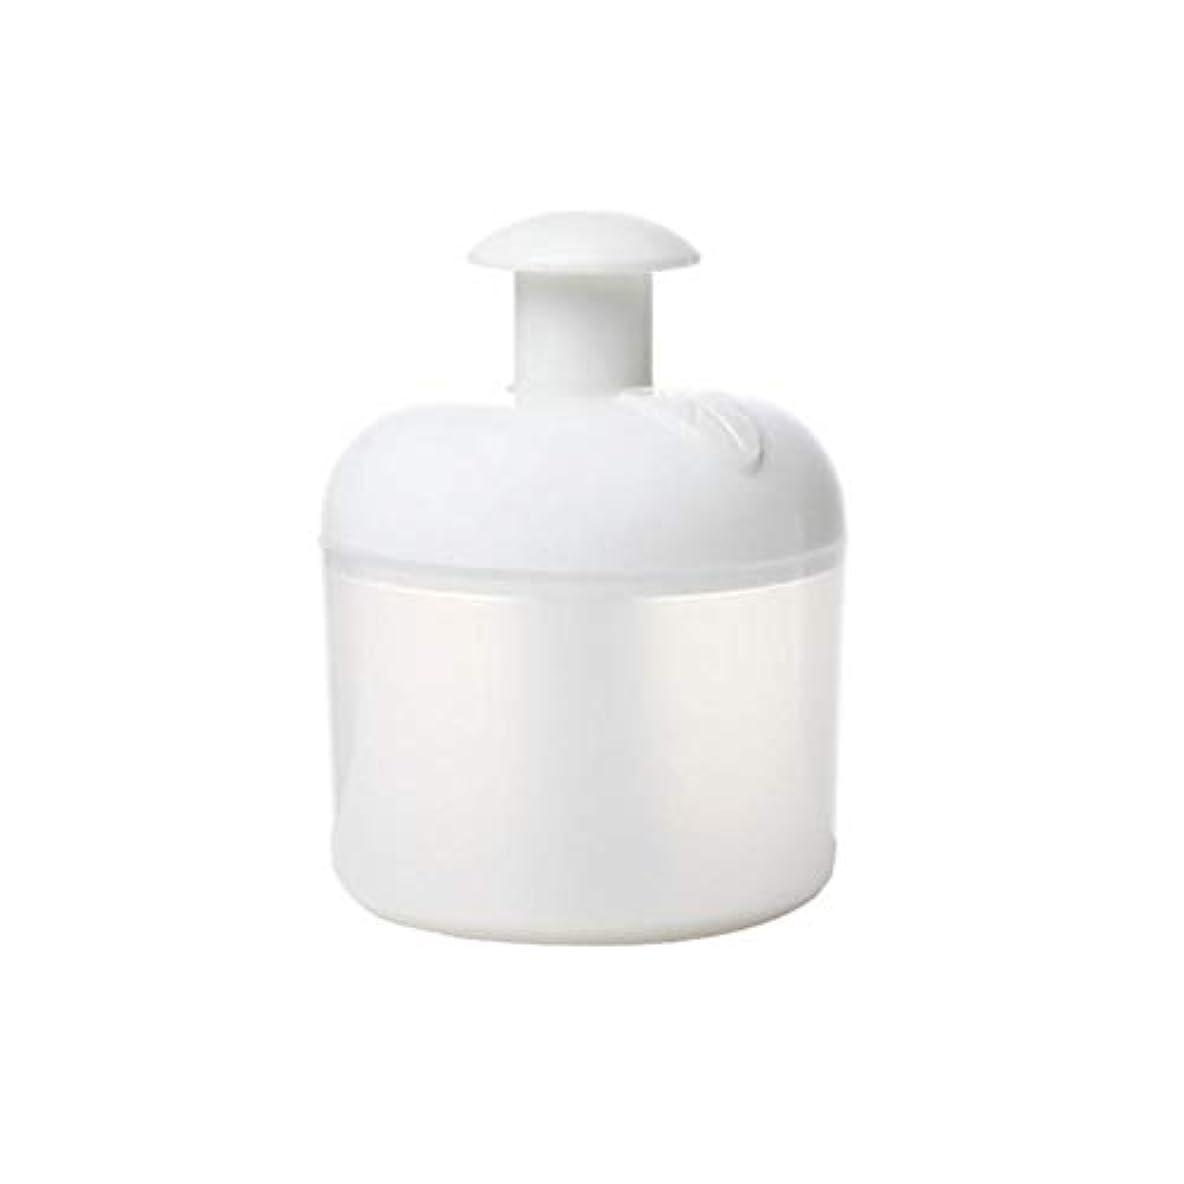 製造職業病気マイクロバブルフォーマー - Dewin 洗顔泡立て器 洗顔ネット マイクロホイッパー クリーンツール 7倍の濃厚なバブル 美容グッズ